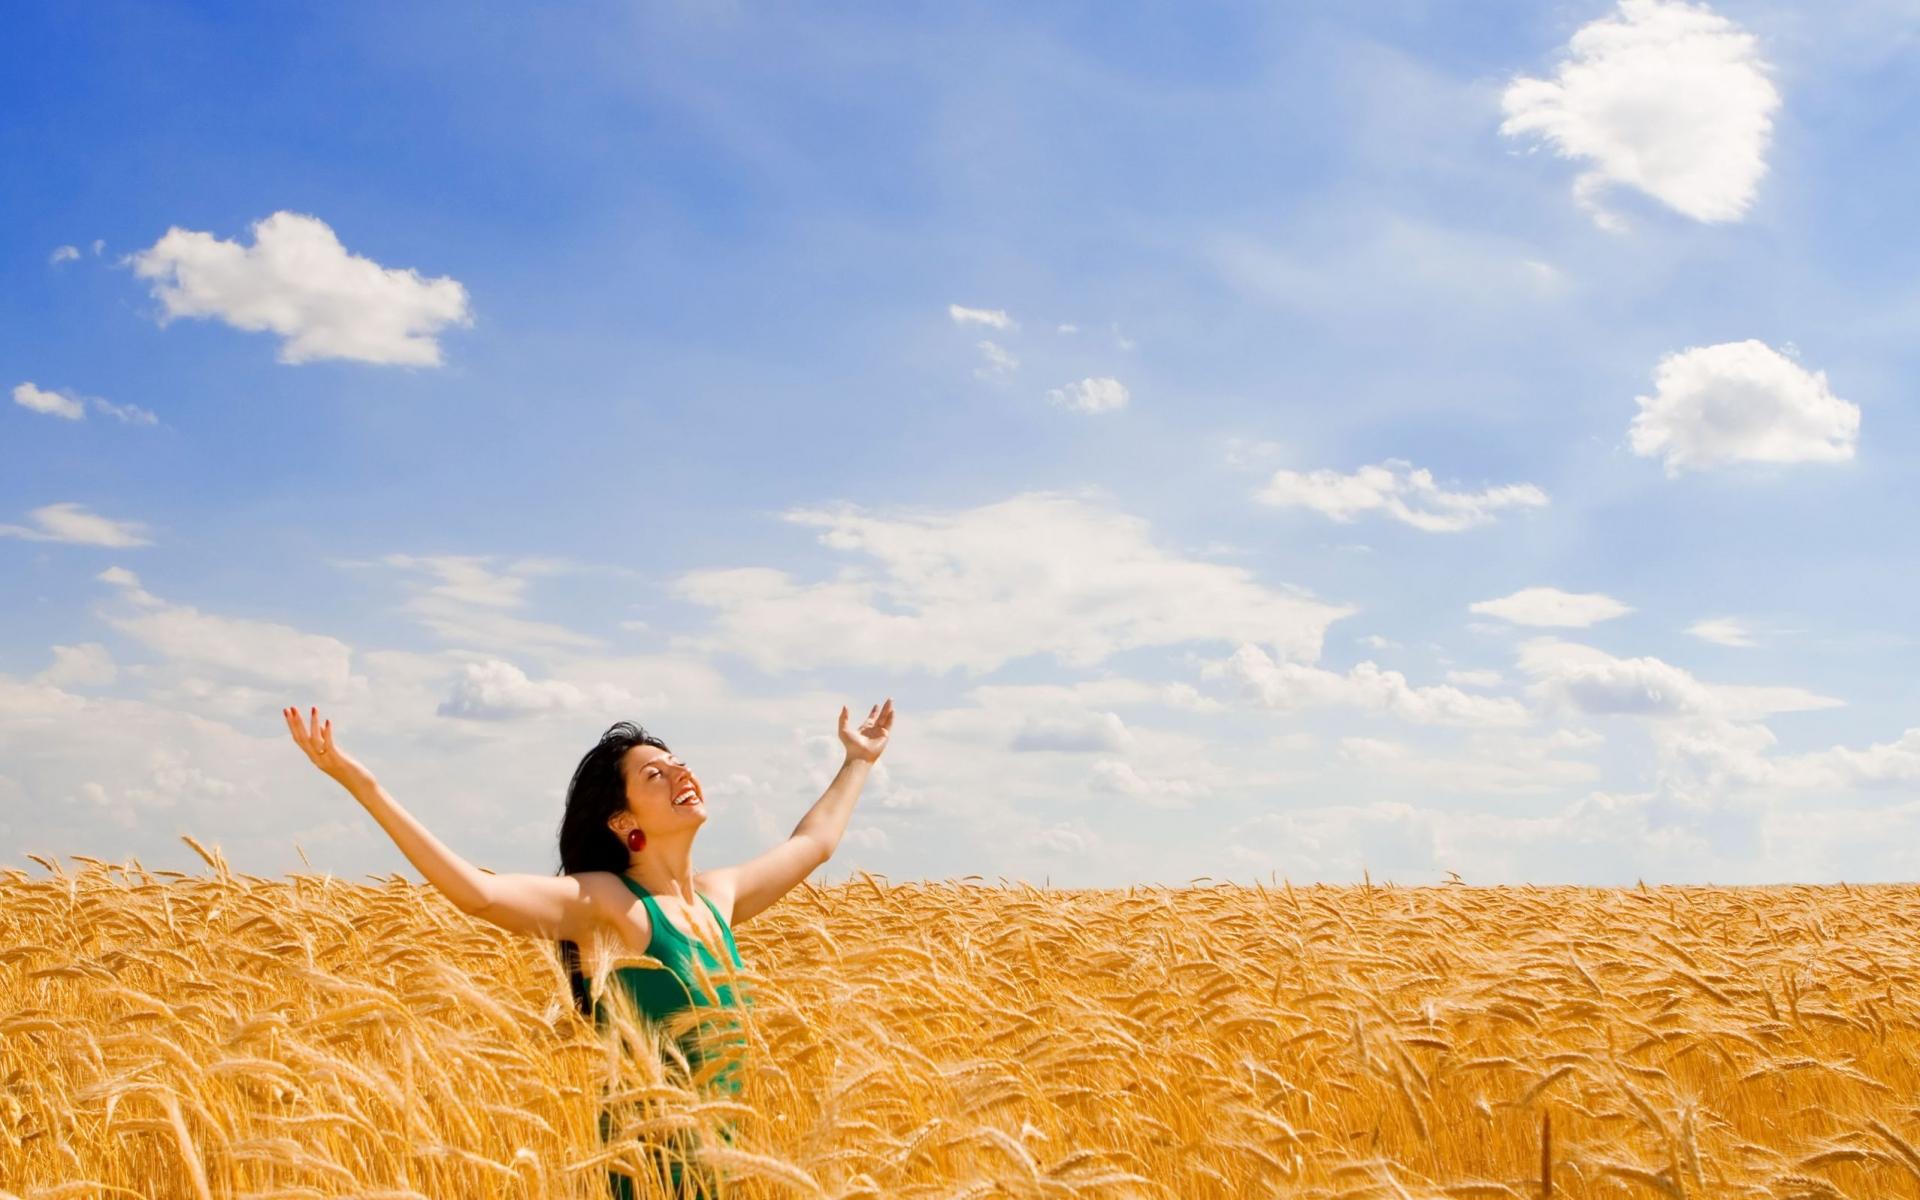 Психология счастья: принципы довольных жизнью людей